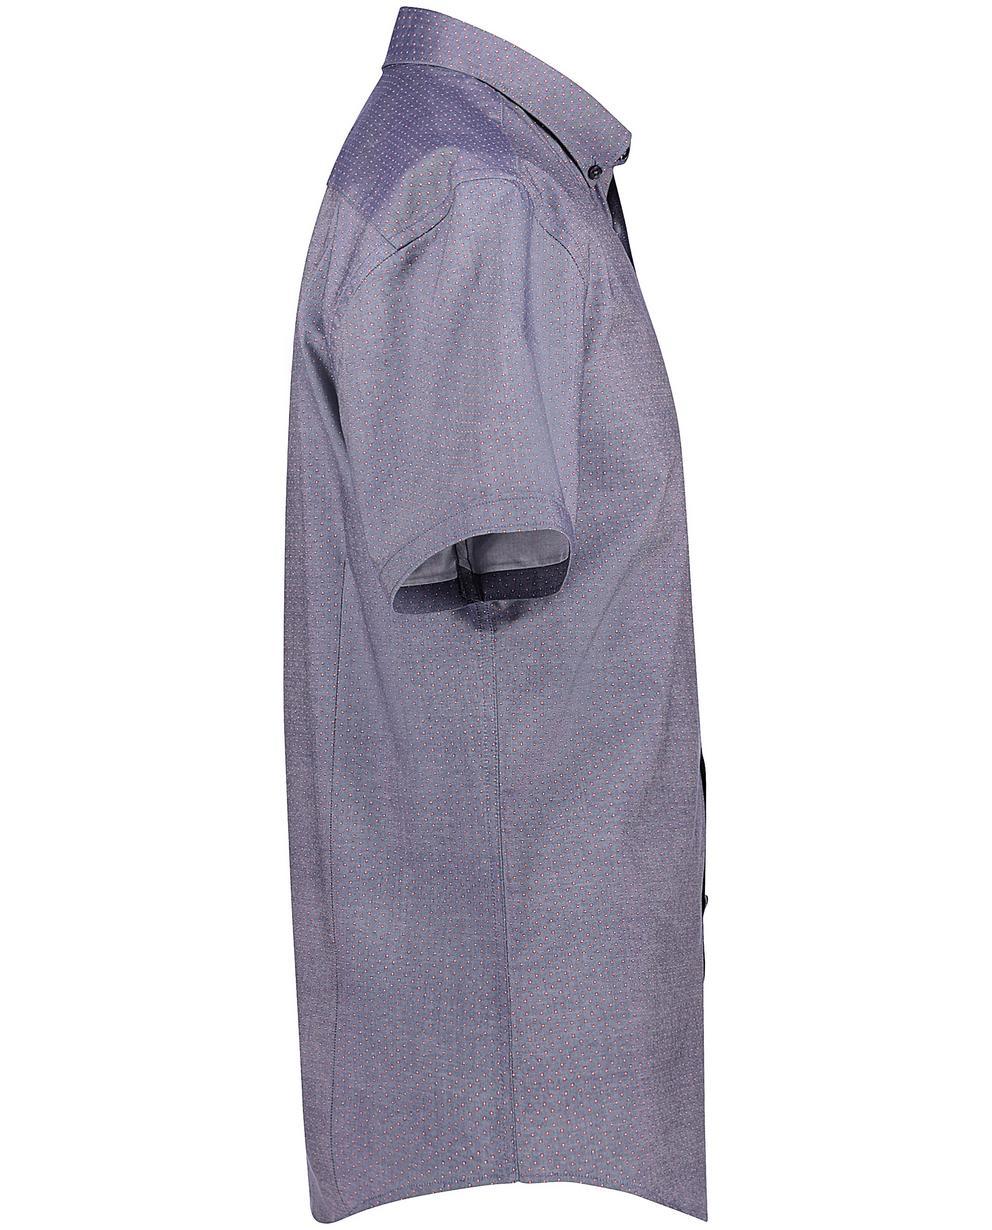 Chemises - navy - Chemise bleu gris. Next. Plus en stock. Chemise bleu gris.  imprimé floral micro 3fe88baf1920